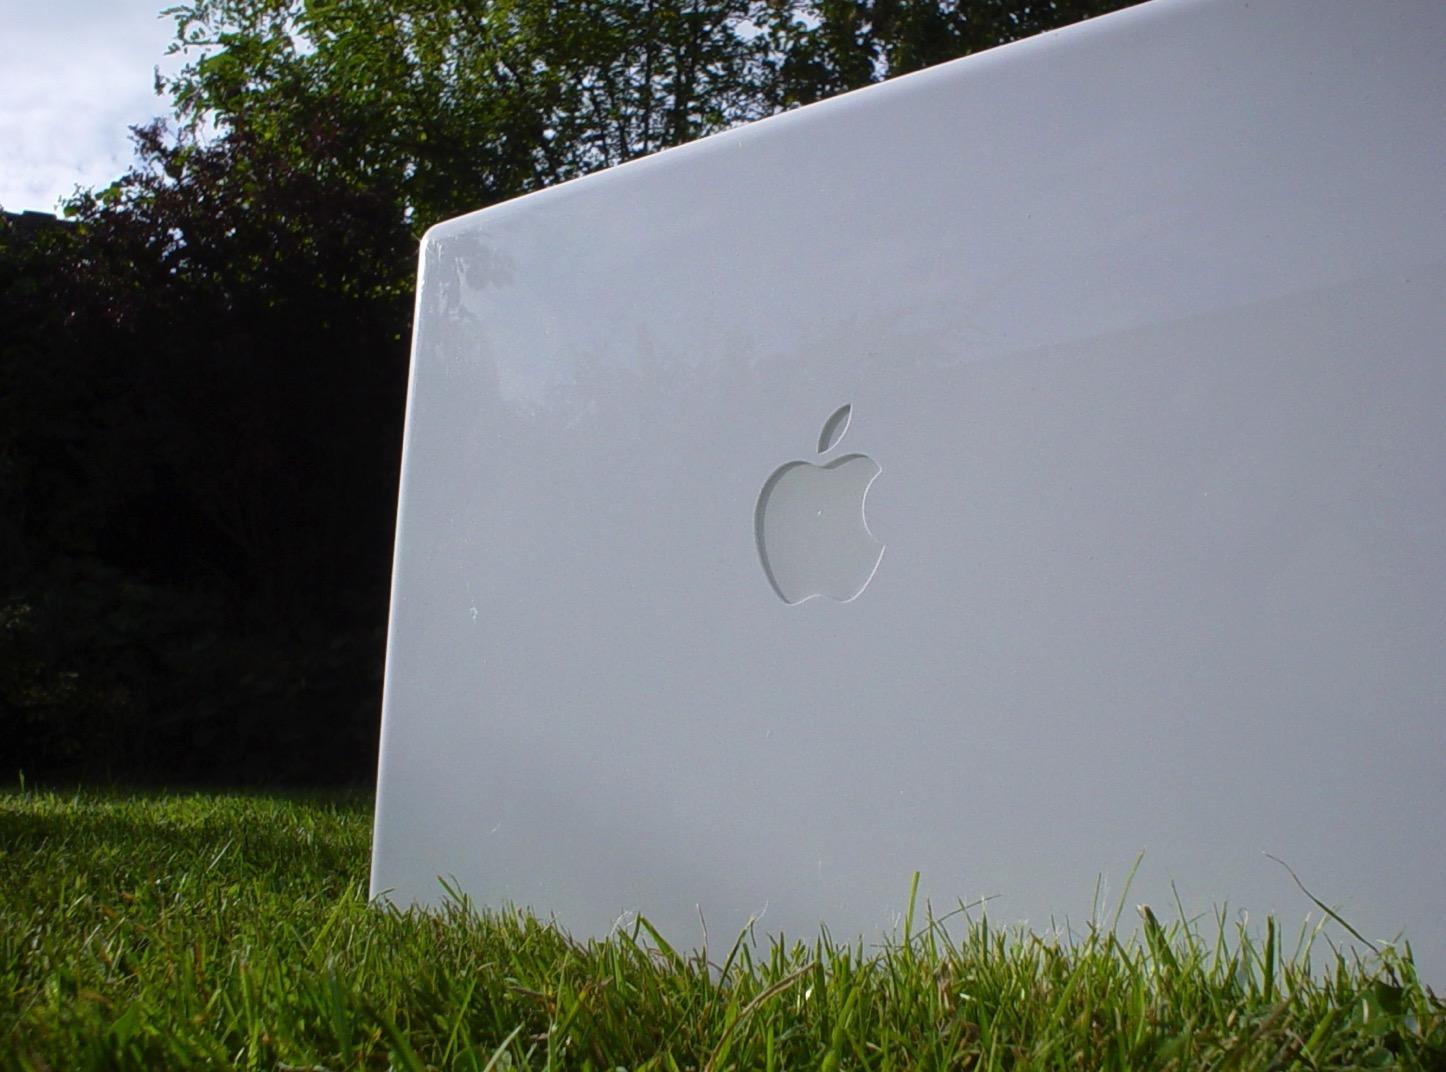 Macbook grass